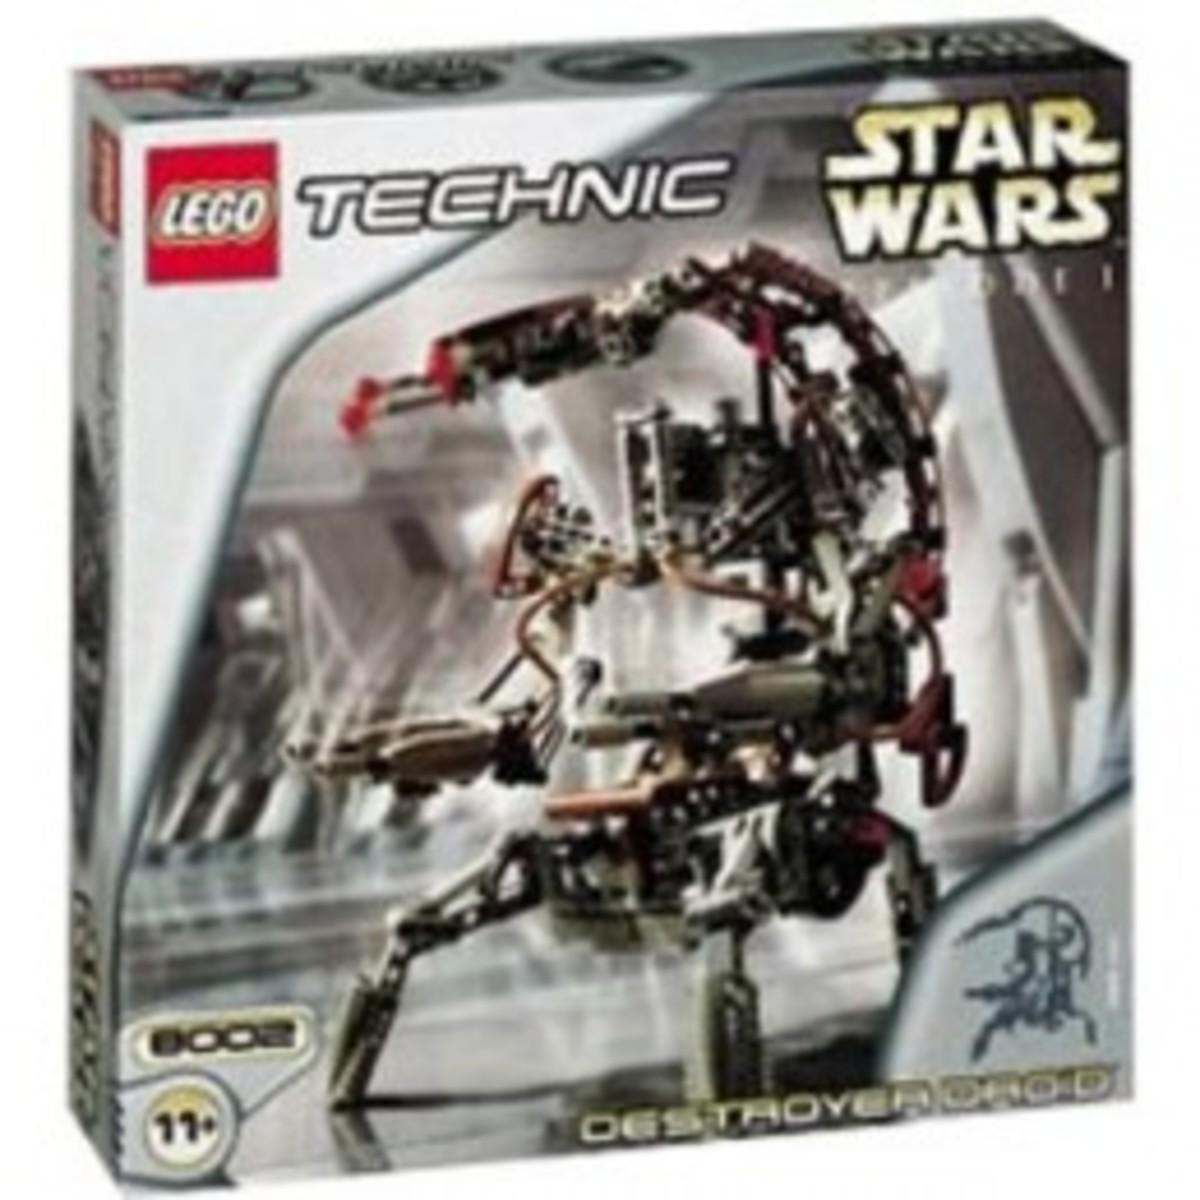 Lego Star Wars Destroyer Droid 8002 Box